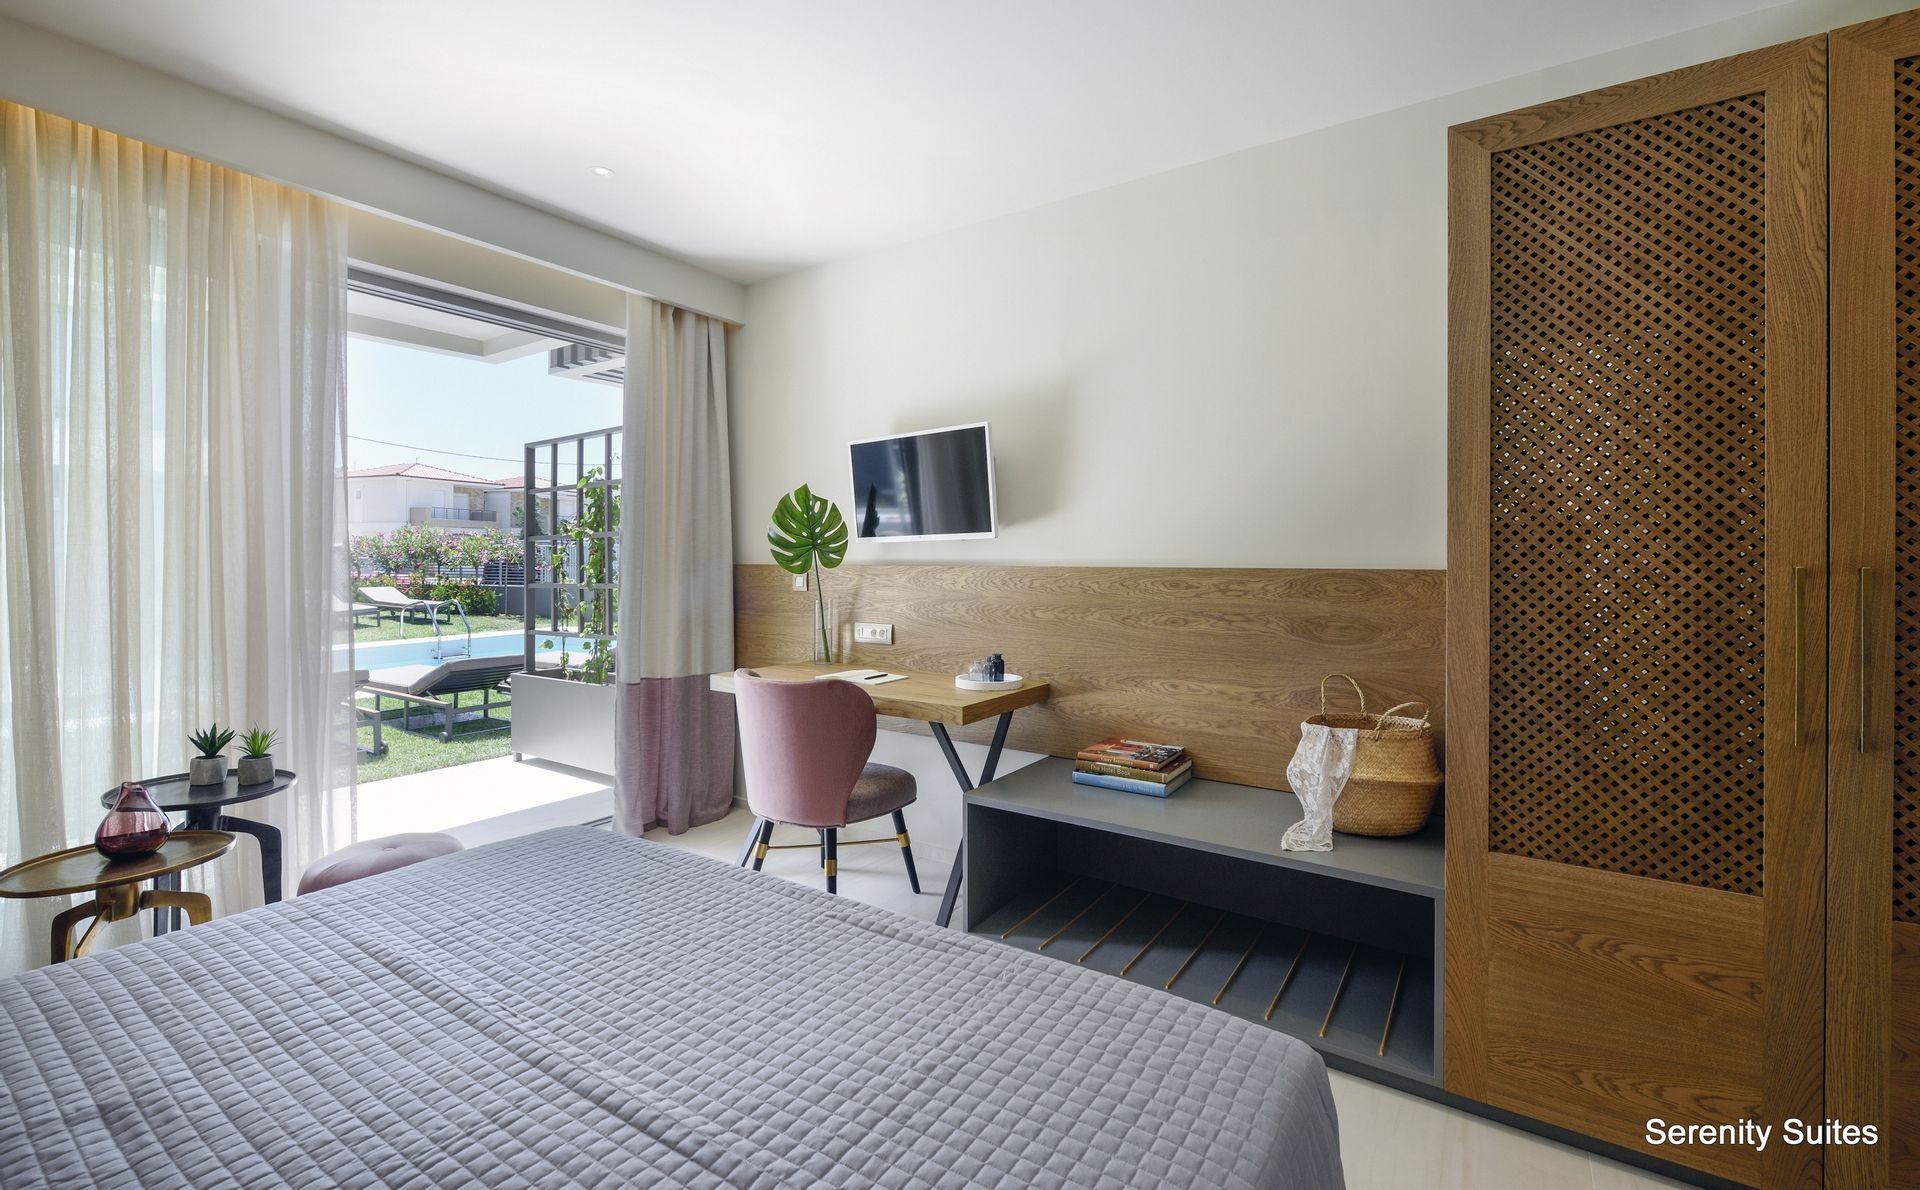 Serenity Suites Chalkidiki